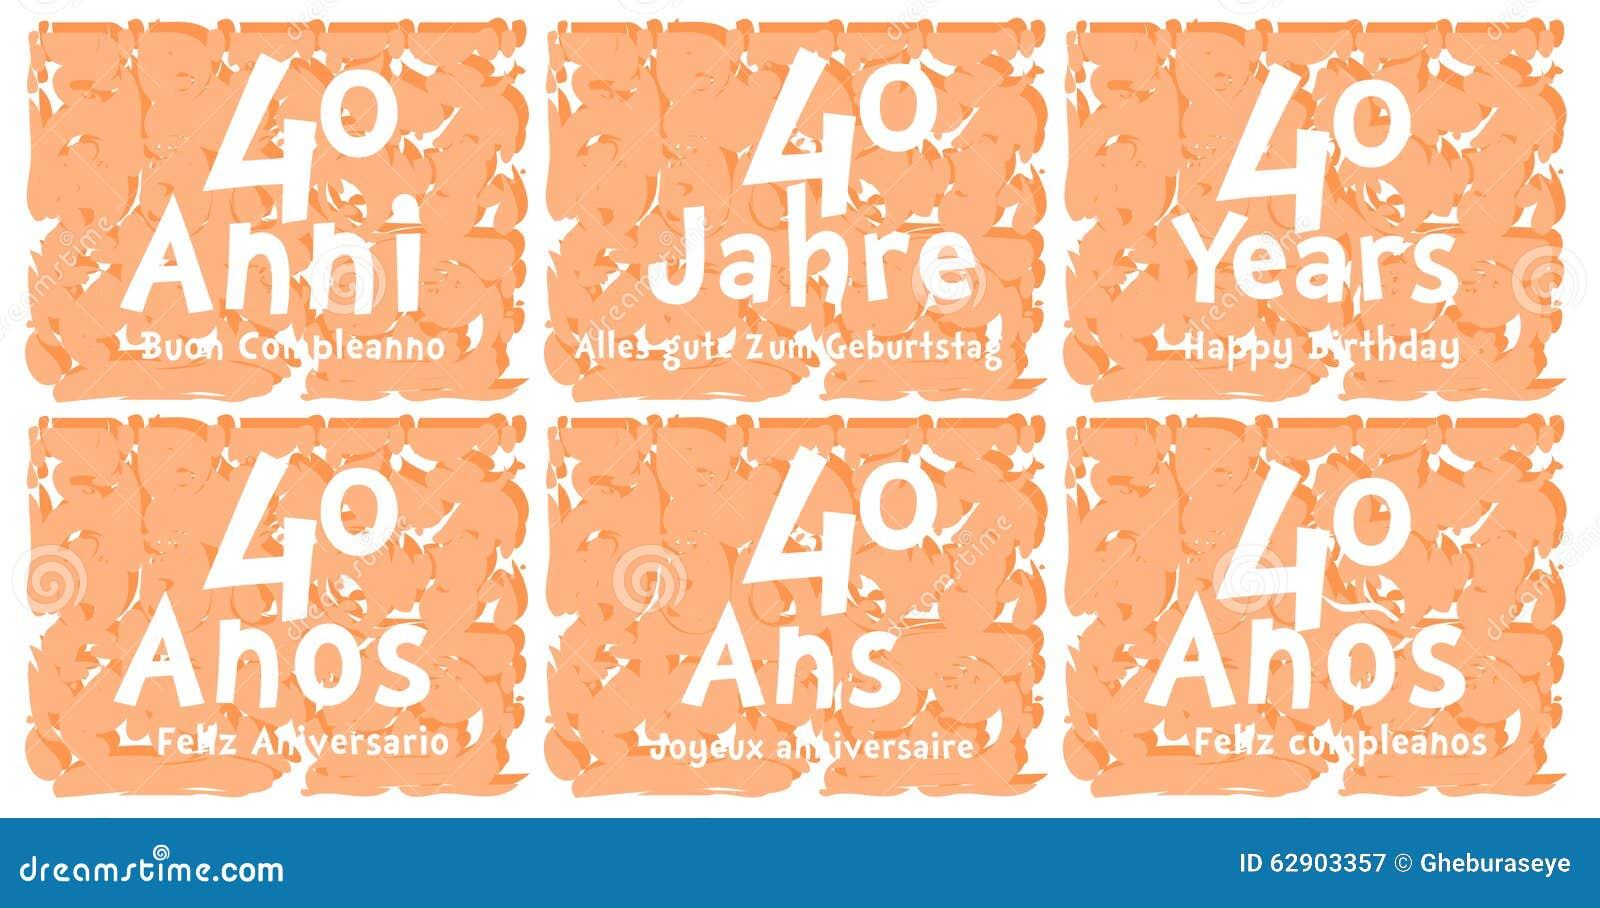 Insieme Della Cartolina D Auguri Di Compleanno Per 40 Anni